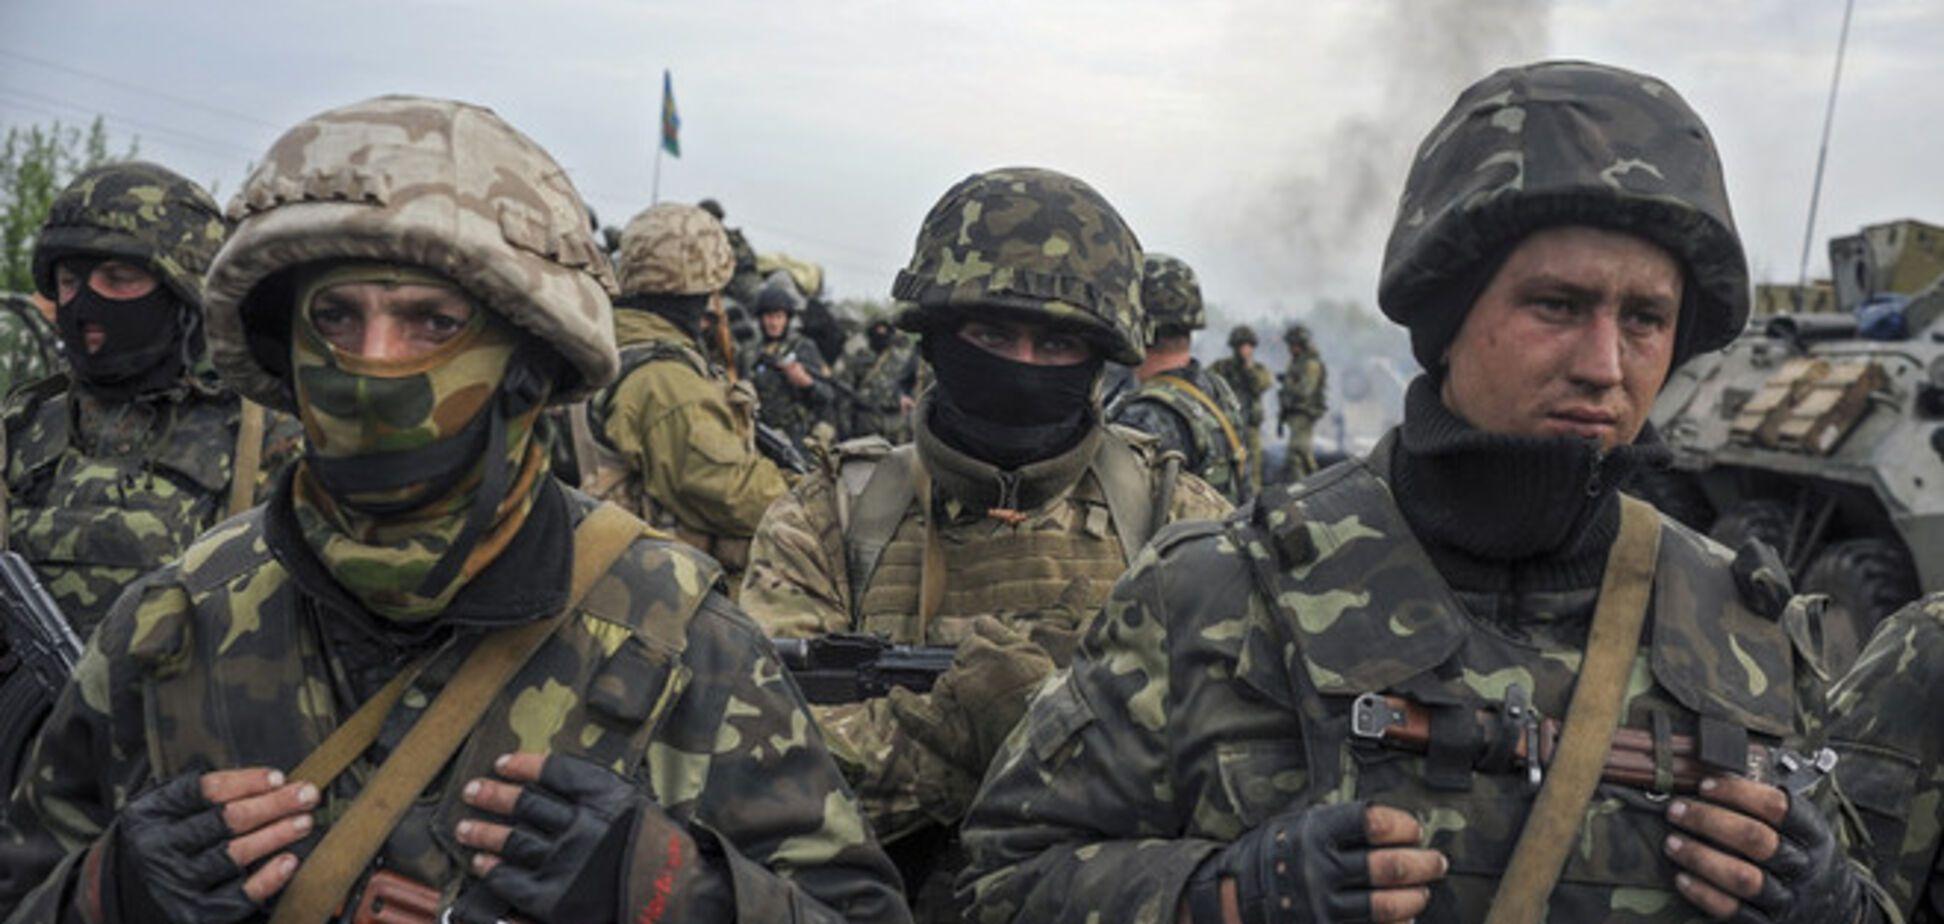 Пентагон отправит Украине крупную партию военного оборудования